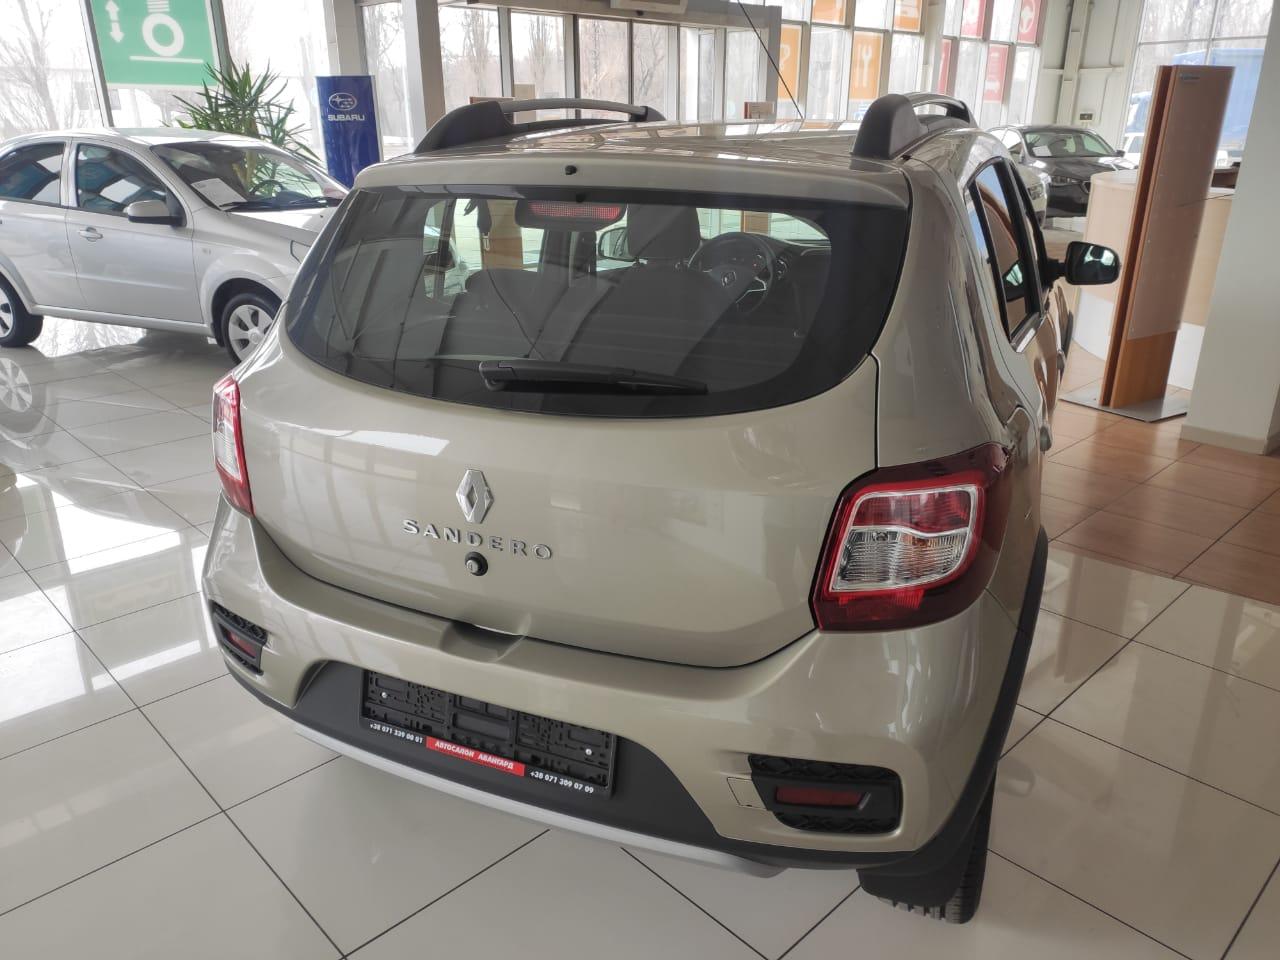 Кроссовер Renault Sandero Stepway 1.6 8кл. 82л.с. 5МТ, Life, Светлый базальт, 2021